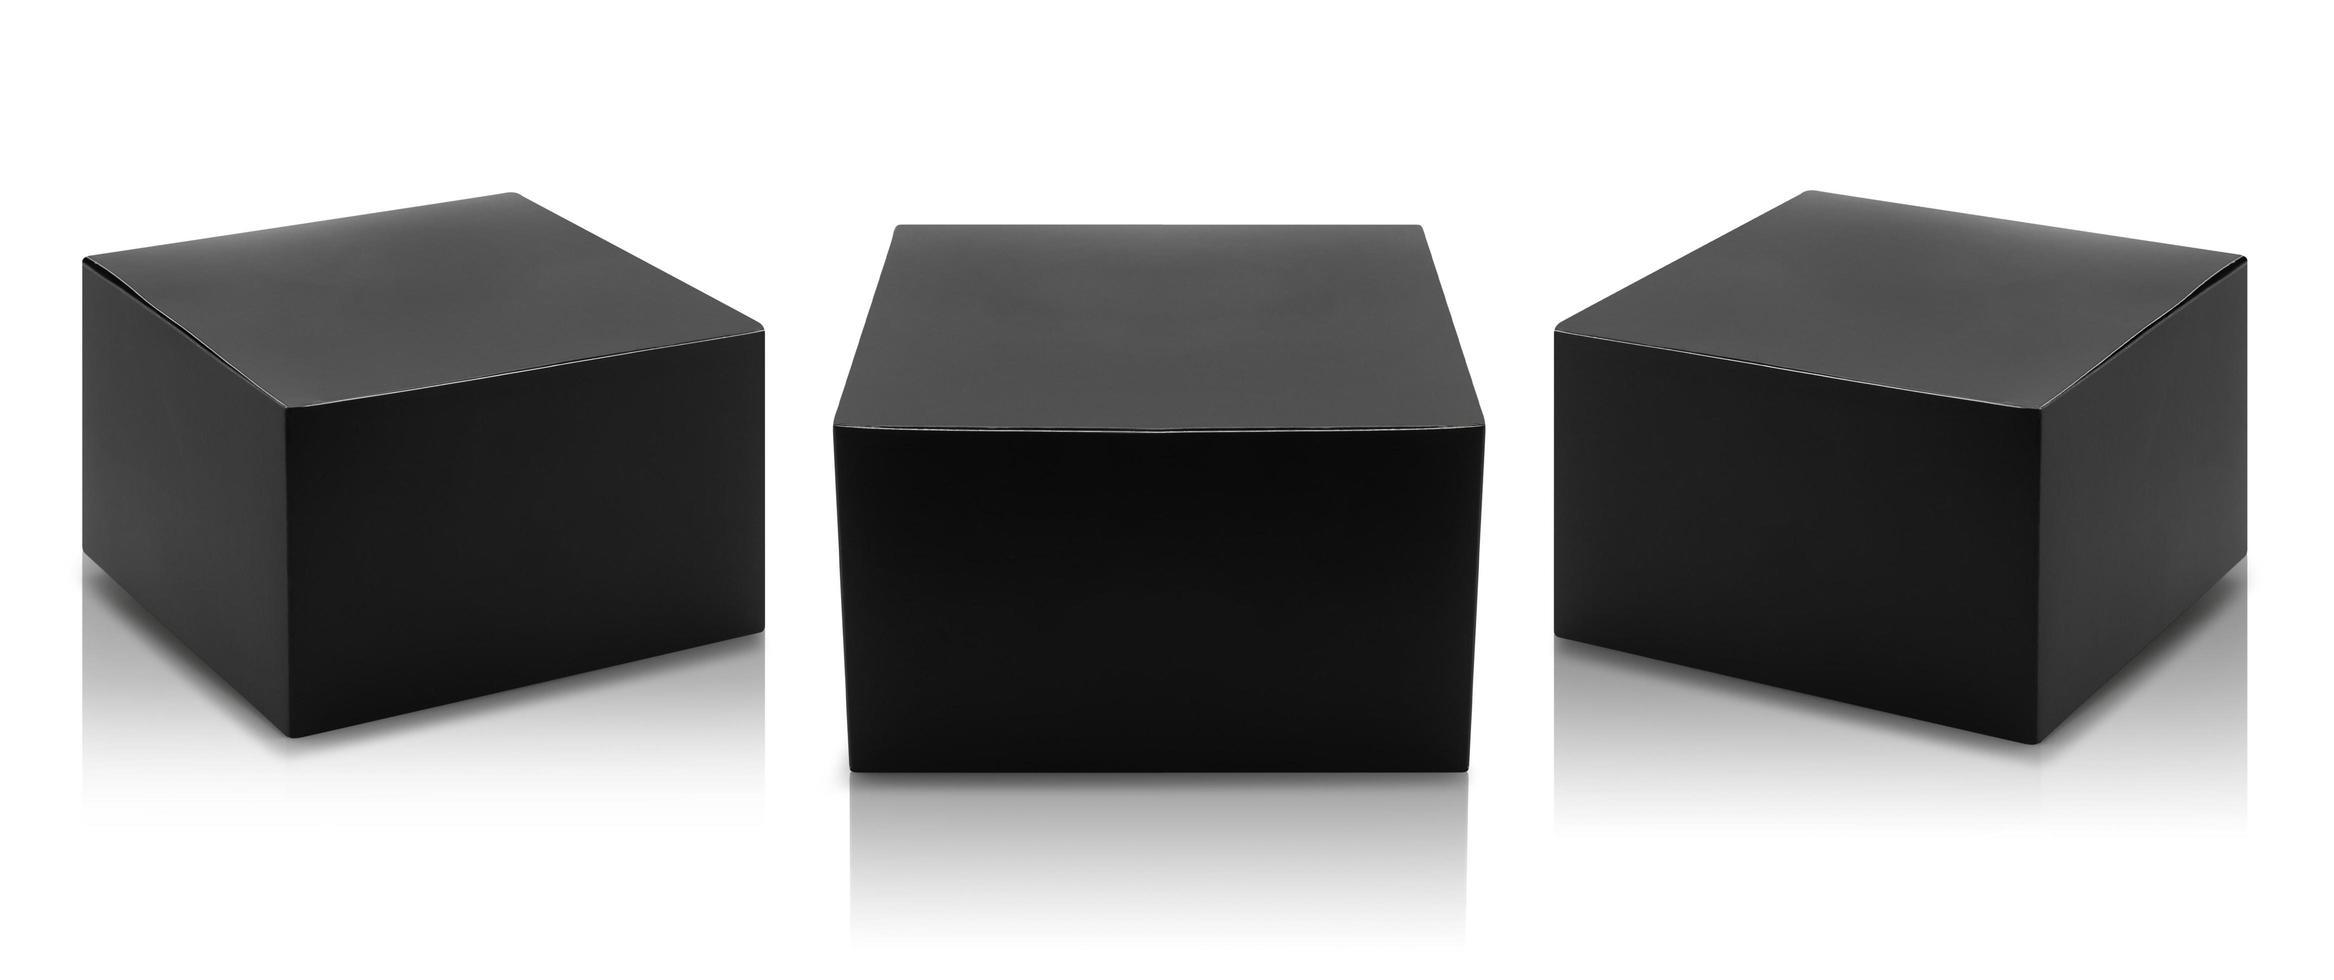 conjunto de envases de productos de caja negra foto